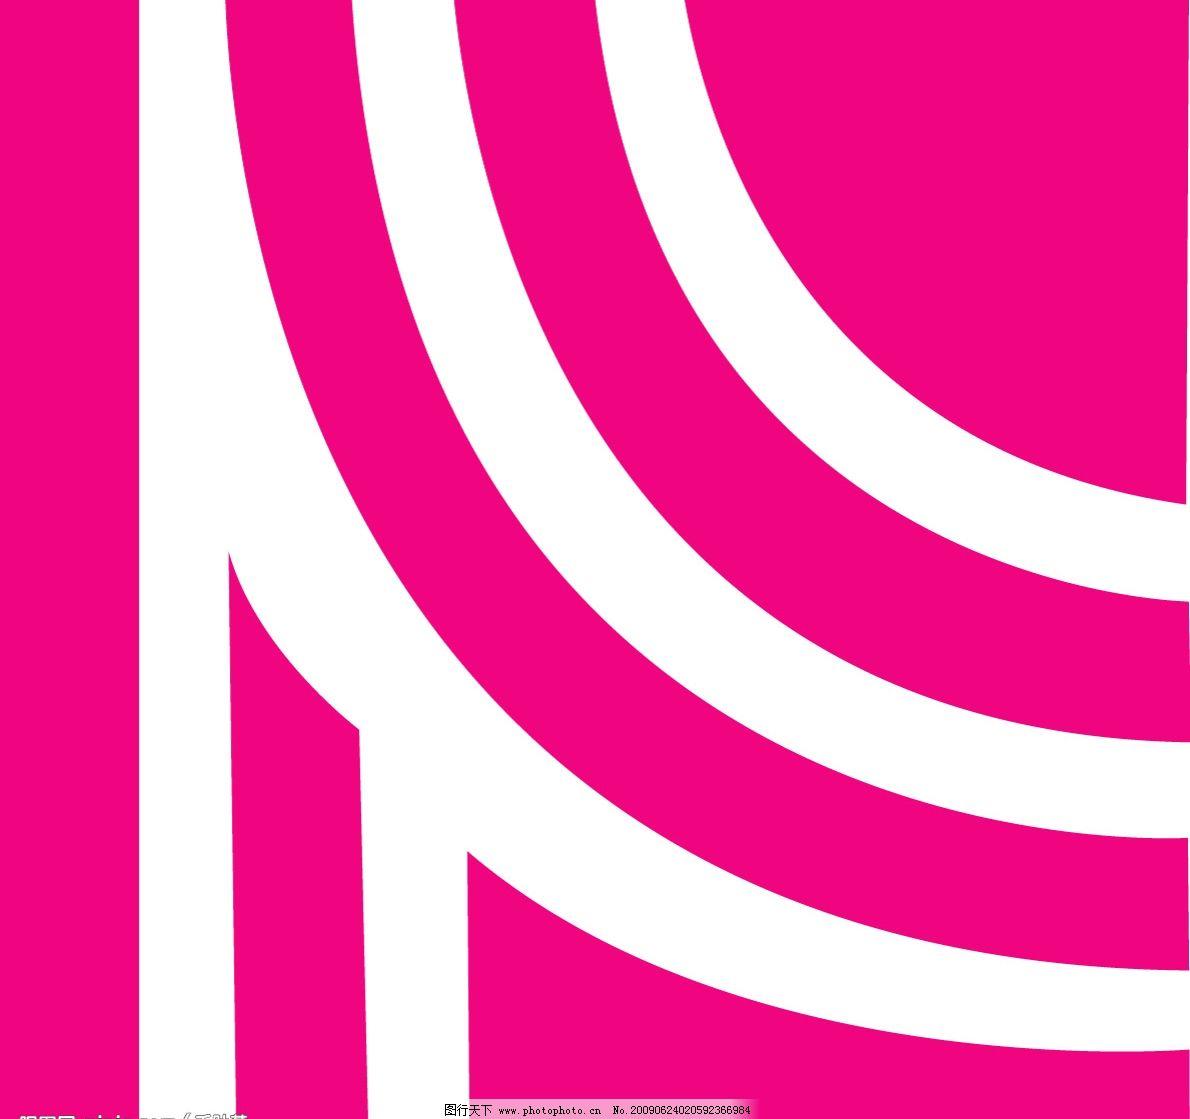 红线纹 红线 纹 花纹 纹理 底纹 ai 素材 高清 清晰 线条 线 底纹边框